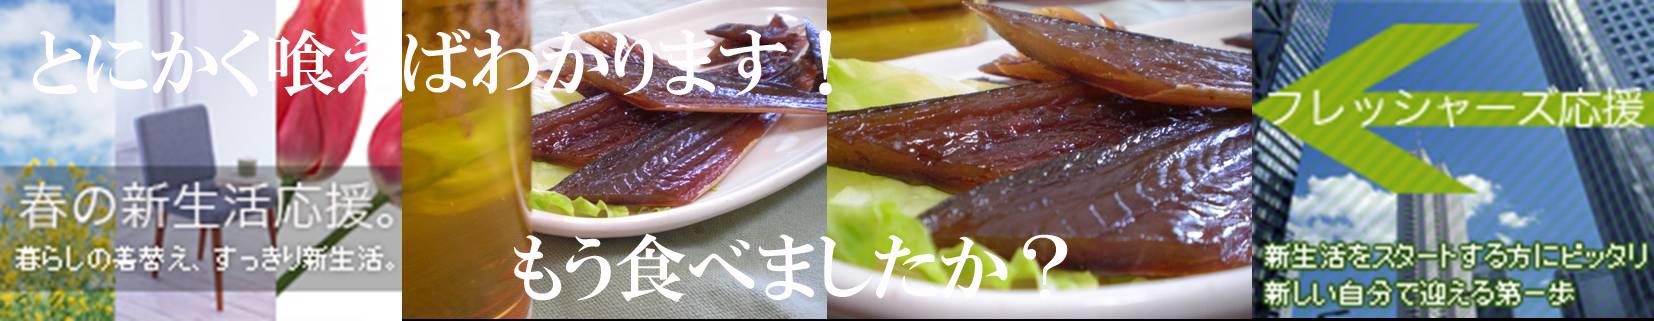 海産物ホッケ燻製はくせになります。酒のつまみはこれです。